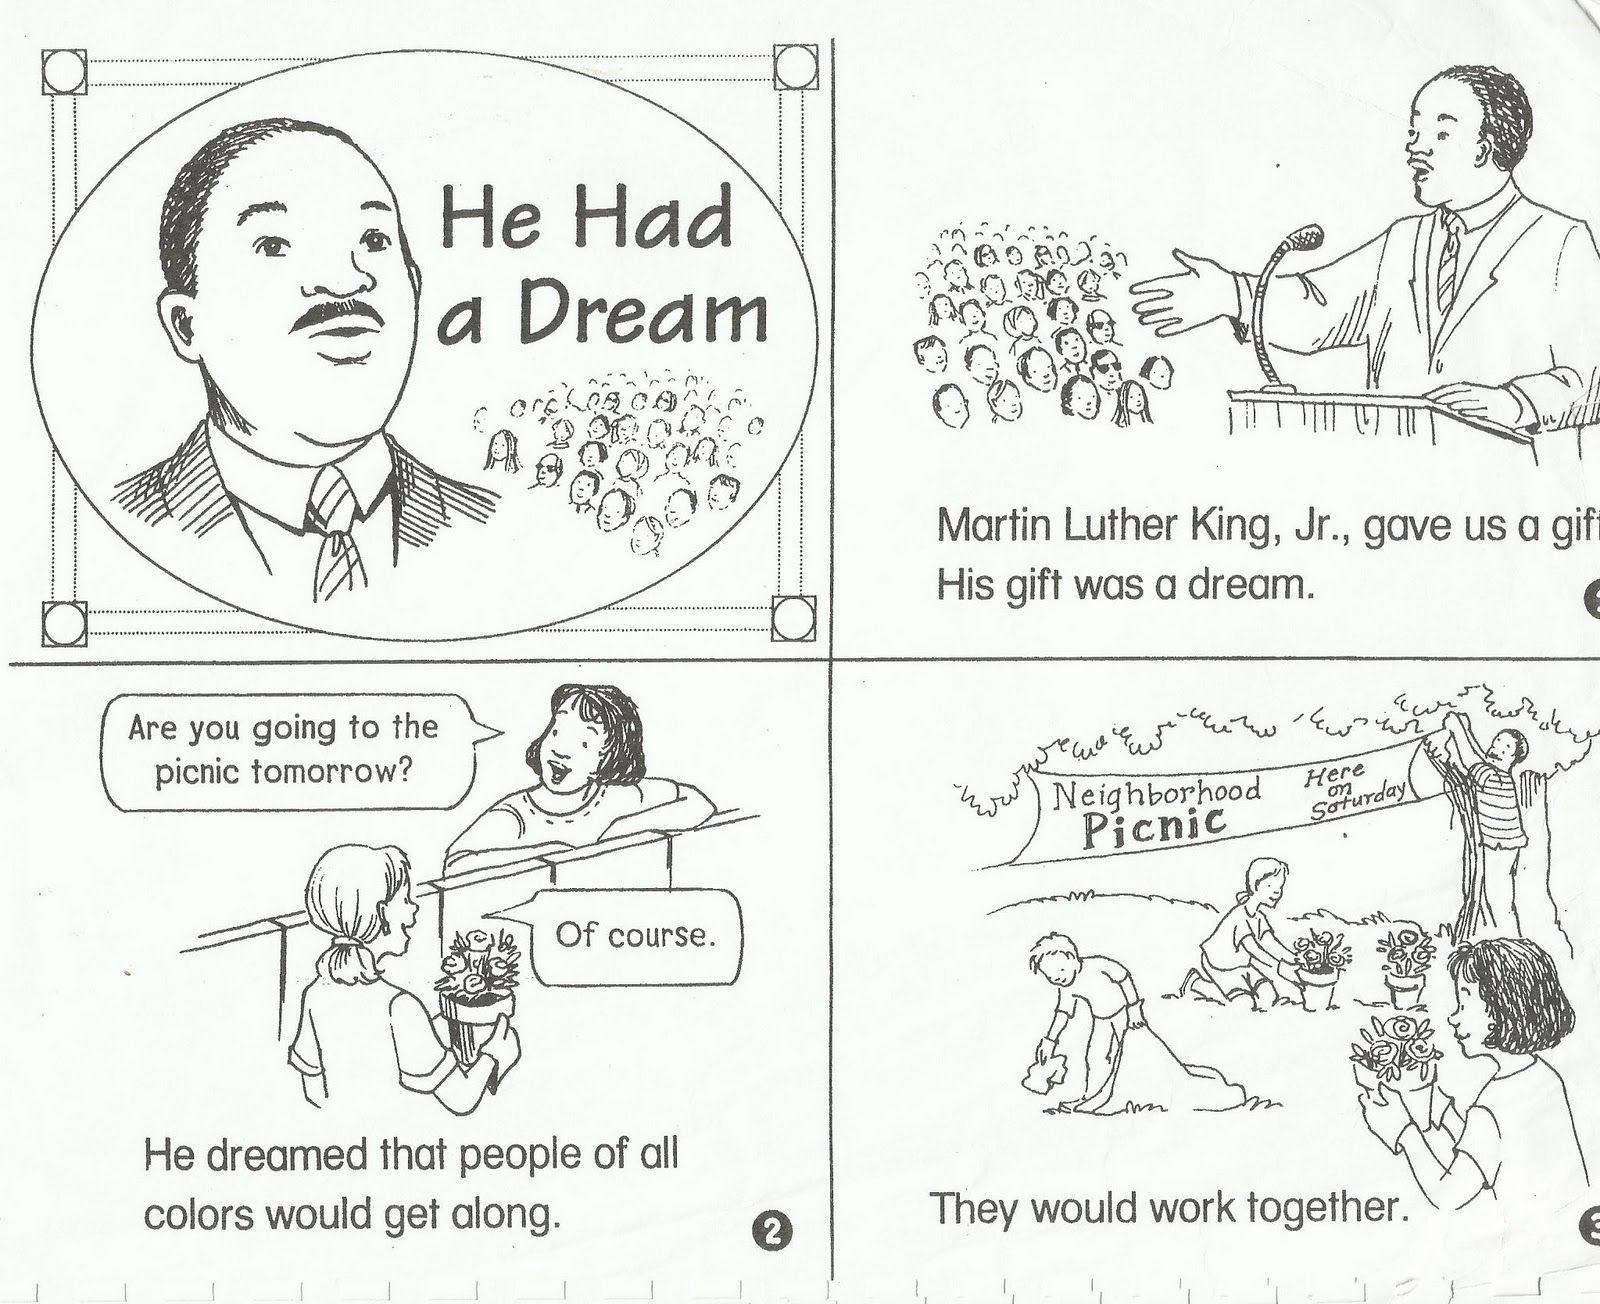 Worksheet Free Martin Luther King Worksheets Fiercebad